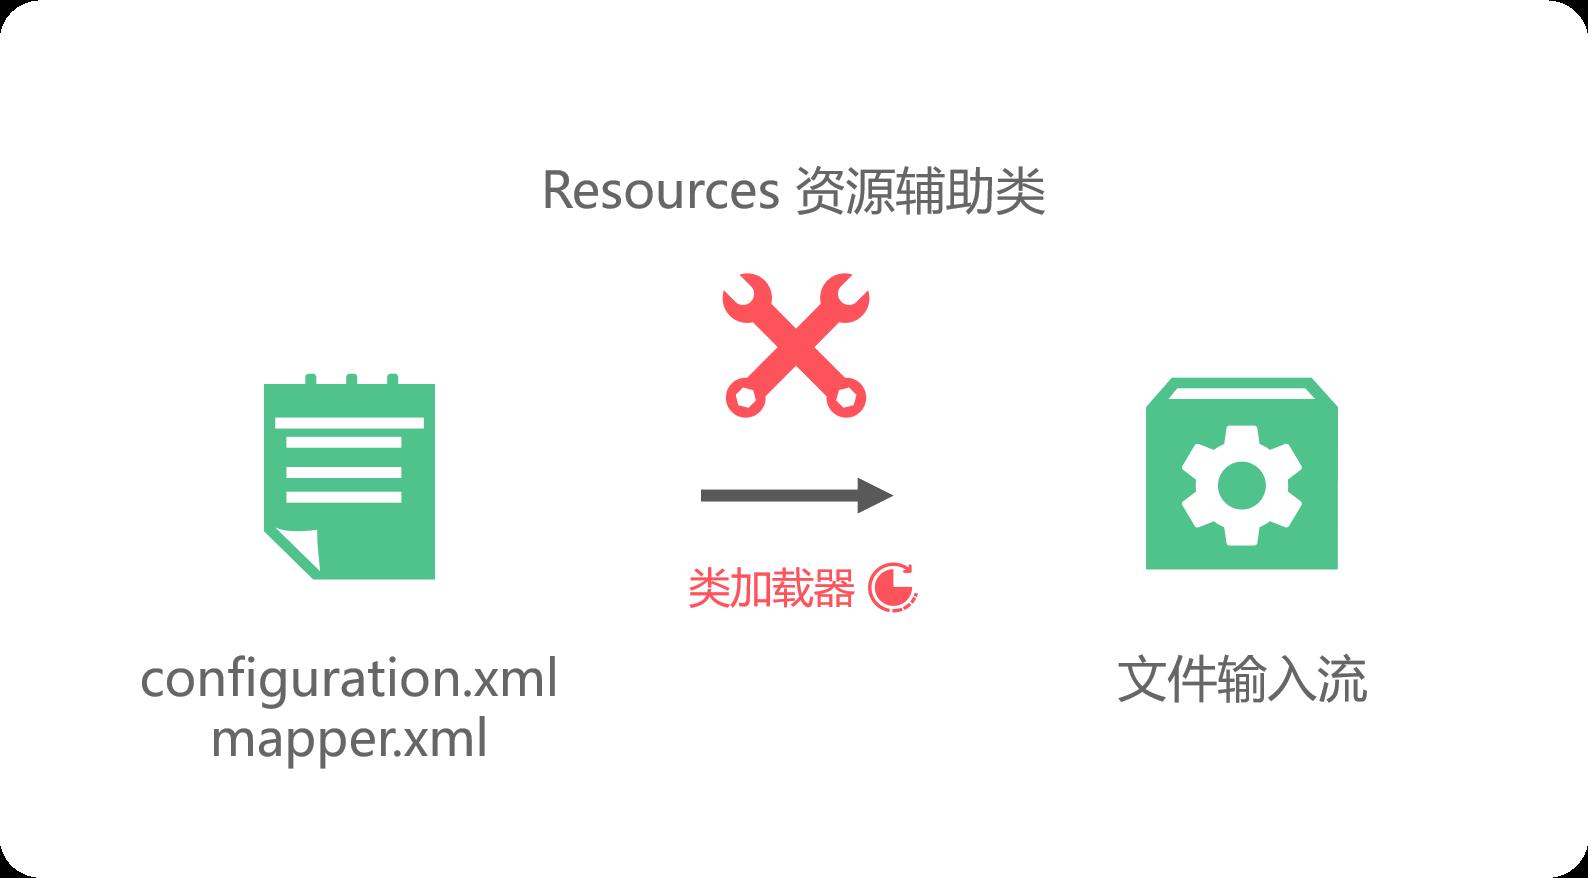 Resources加载配置文件过程